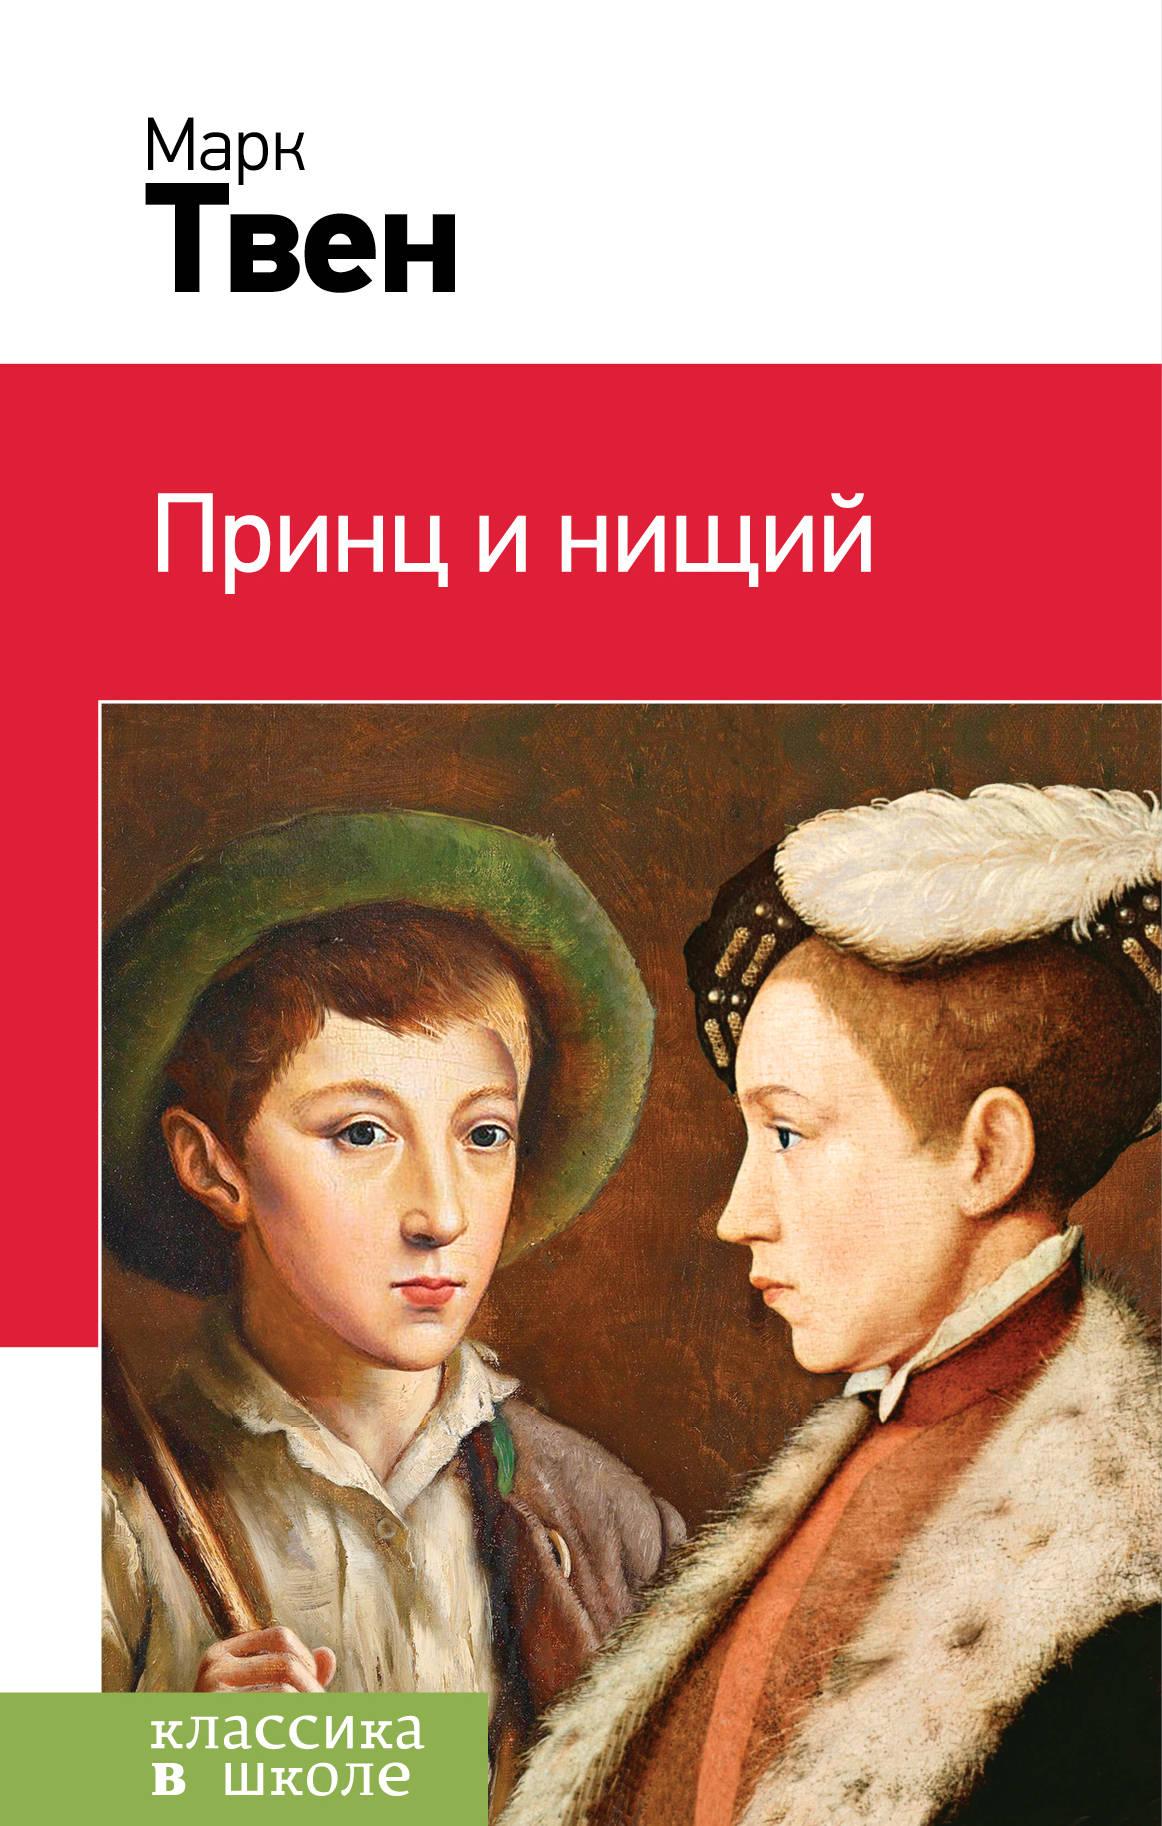 где купить Твен Марк Принц и нищий ISBN: 978-5-04-094767-6 по лучшей цене